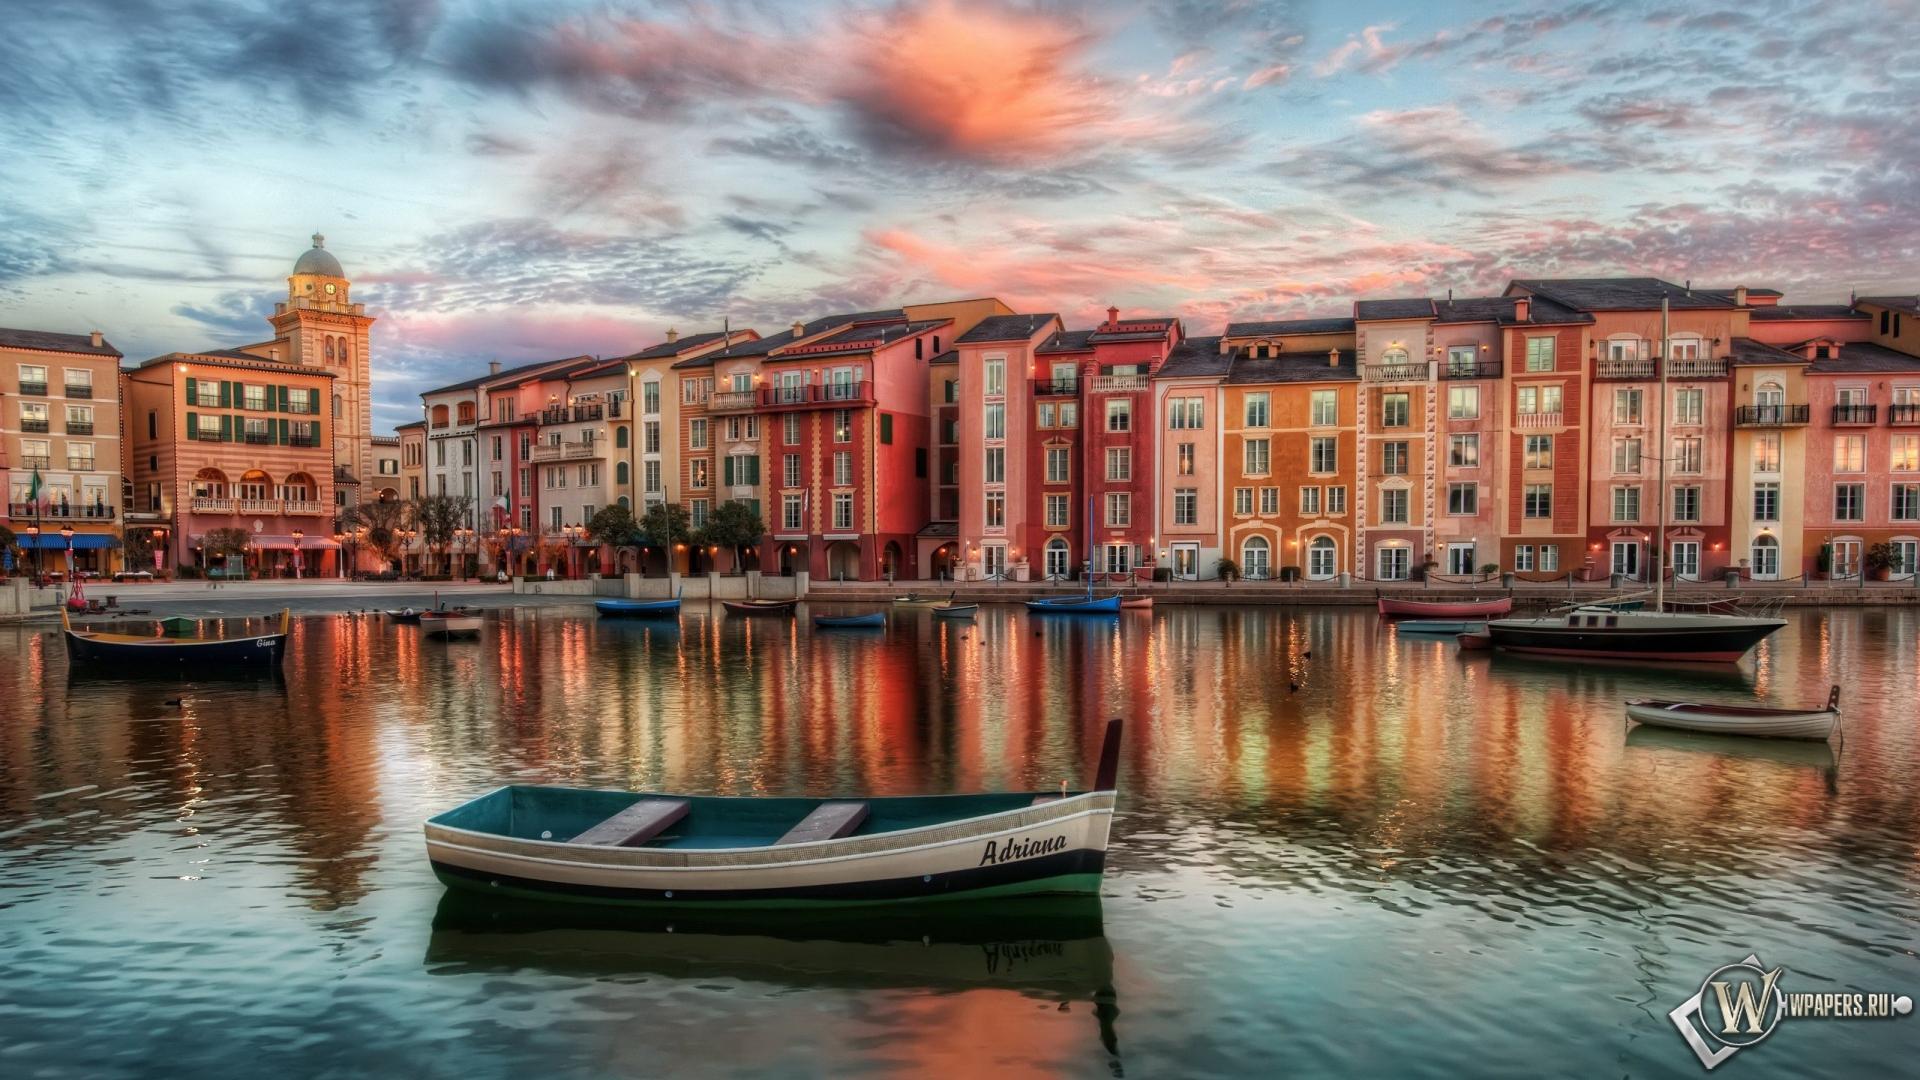 Утро в венеции италия на рабочий стол